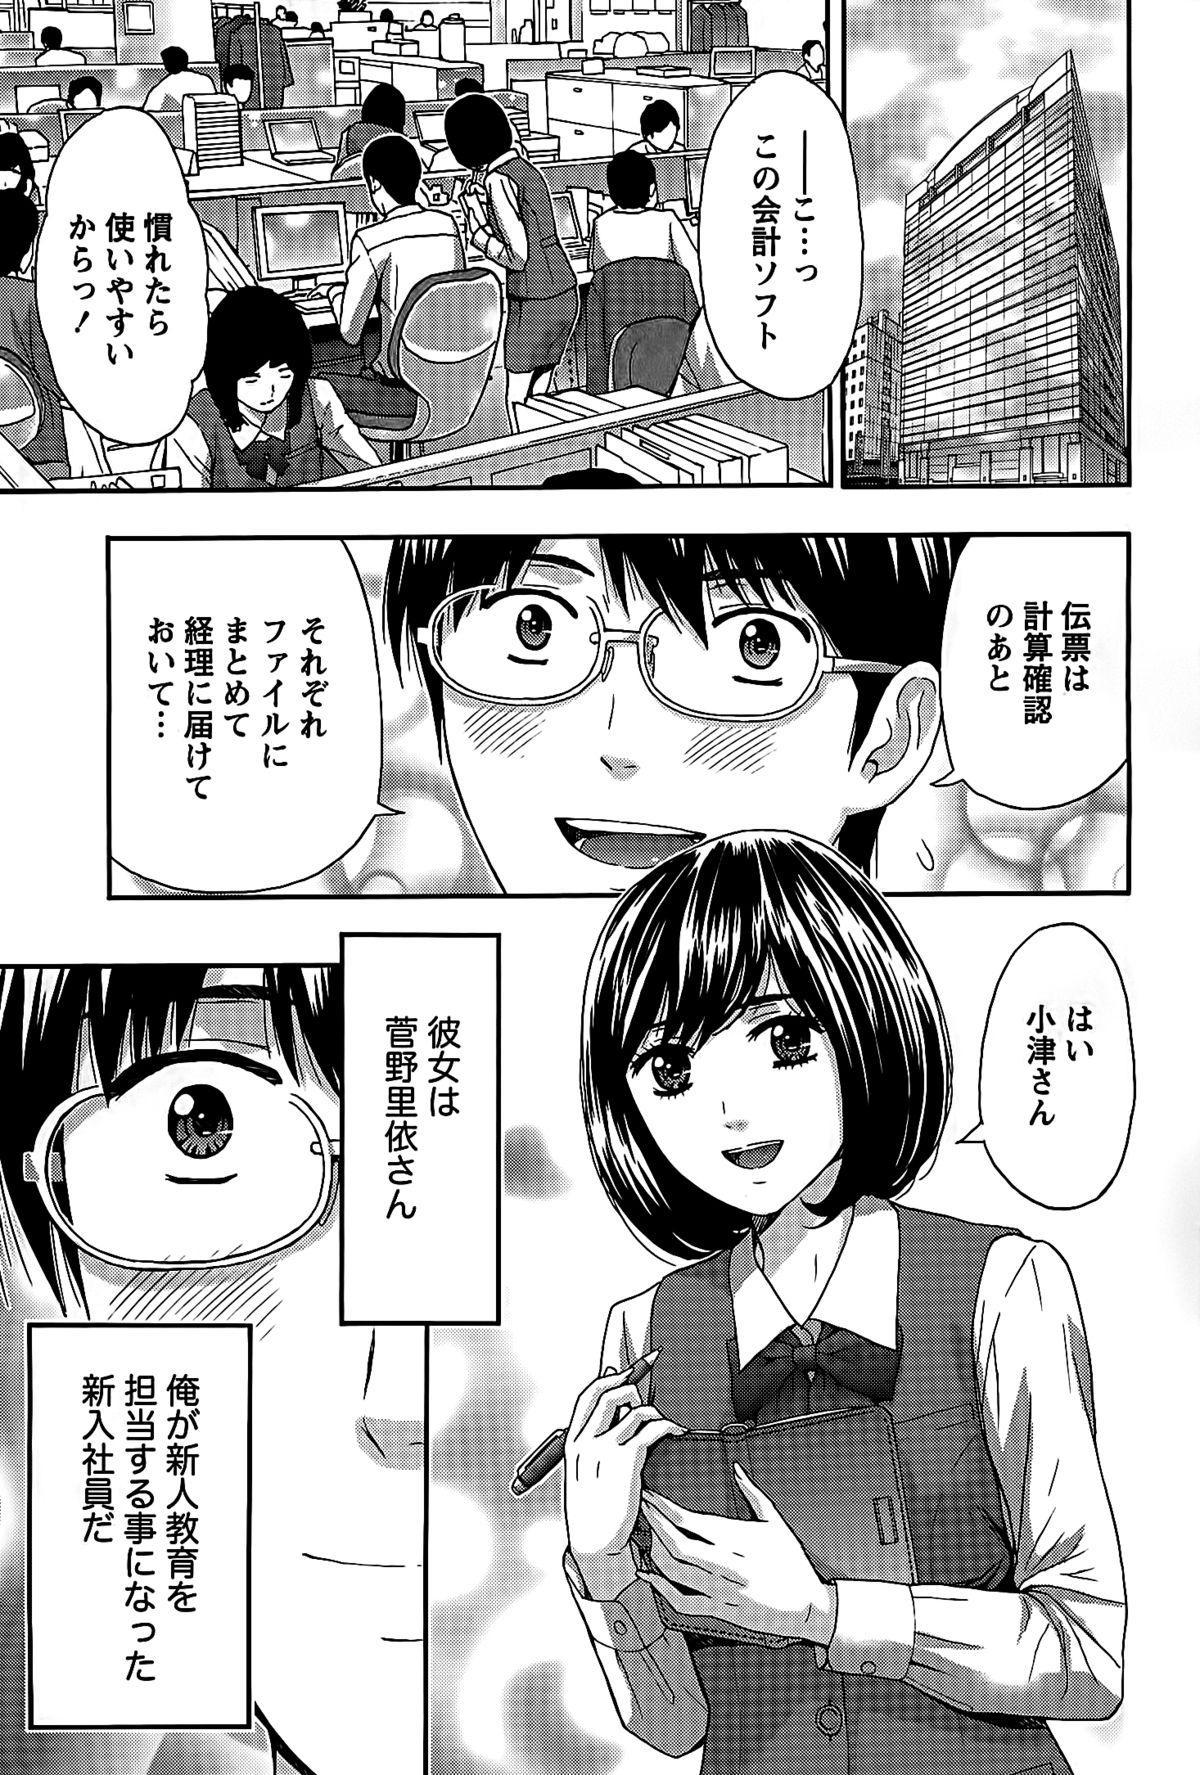 Shittori Lady to Amai Mitsu 84